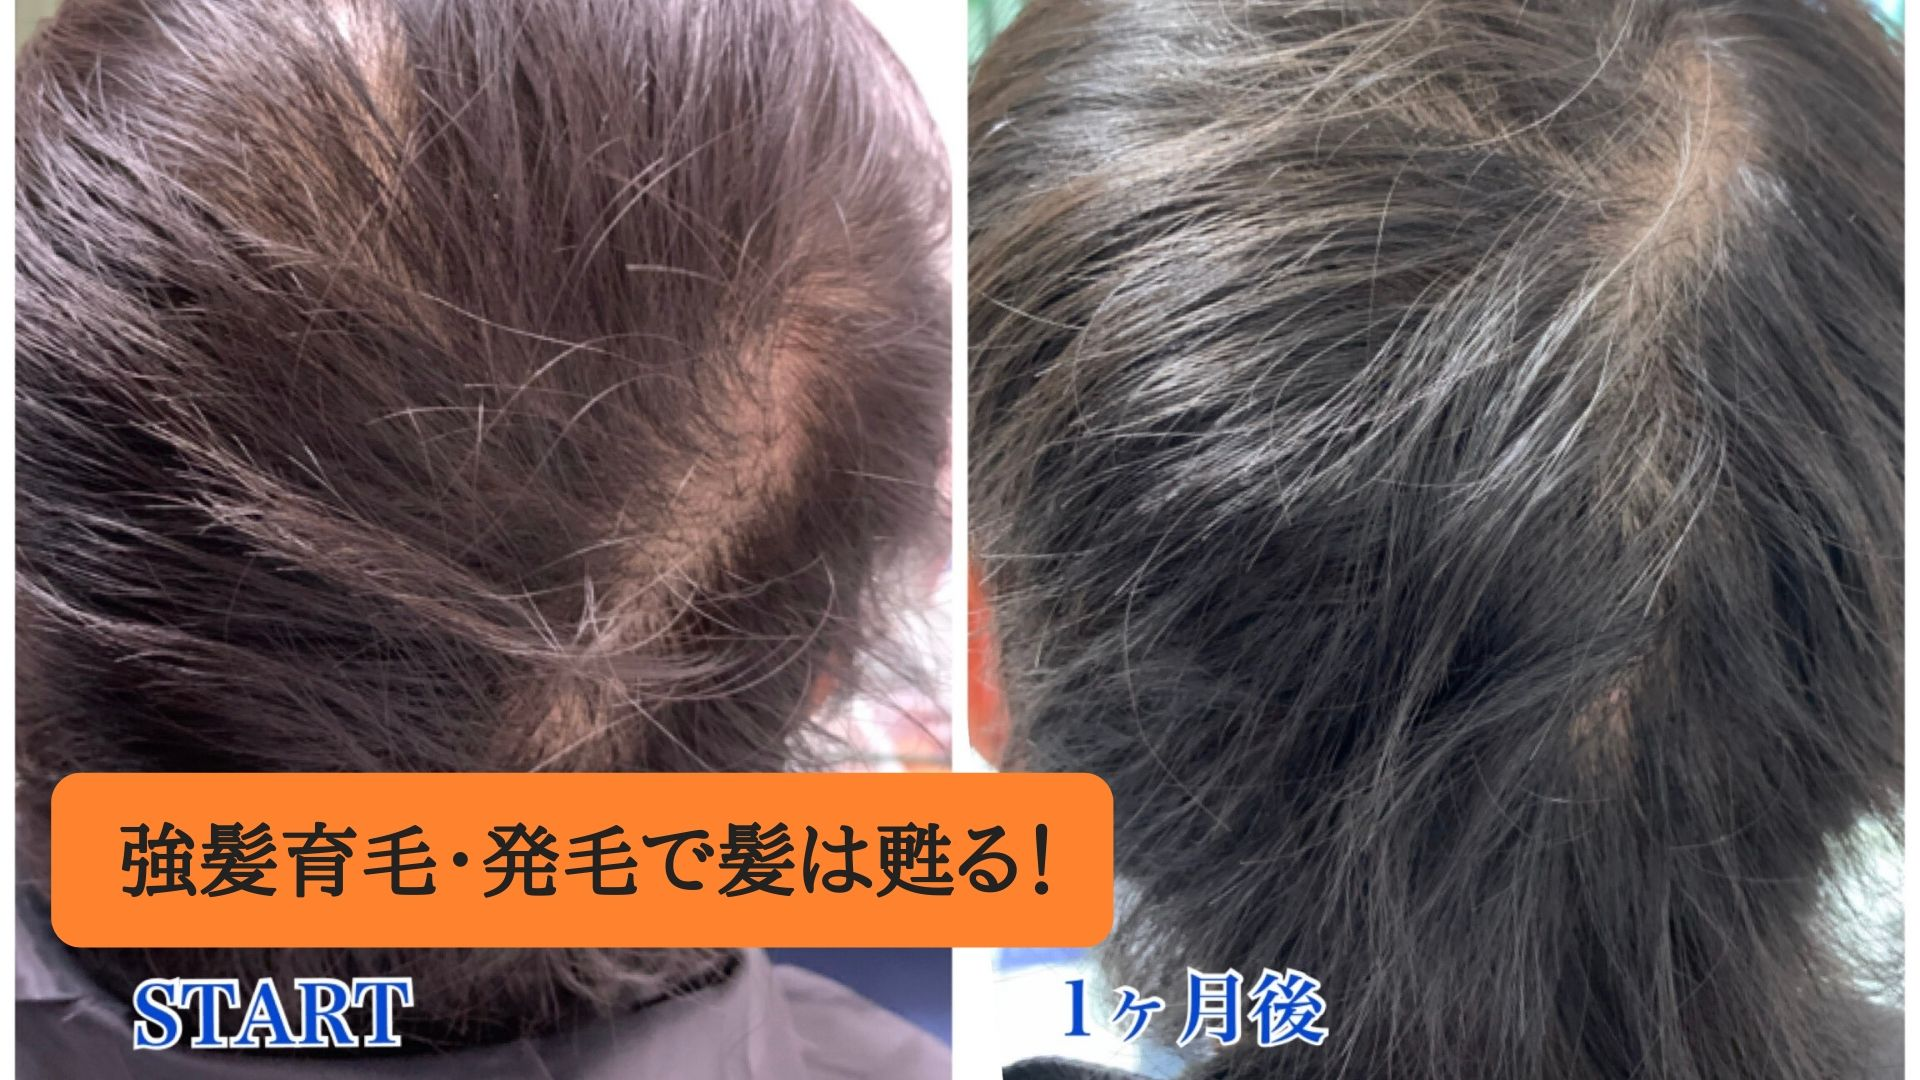 強髪育毛・発毛で髪は甦る!